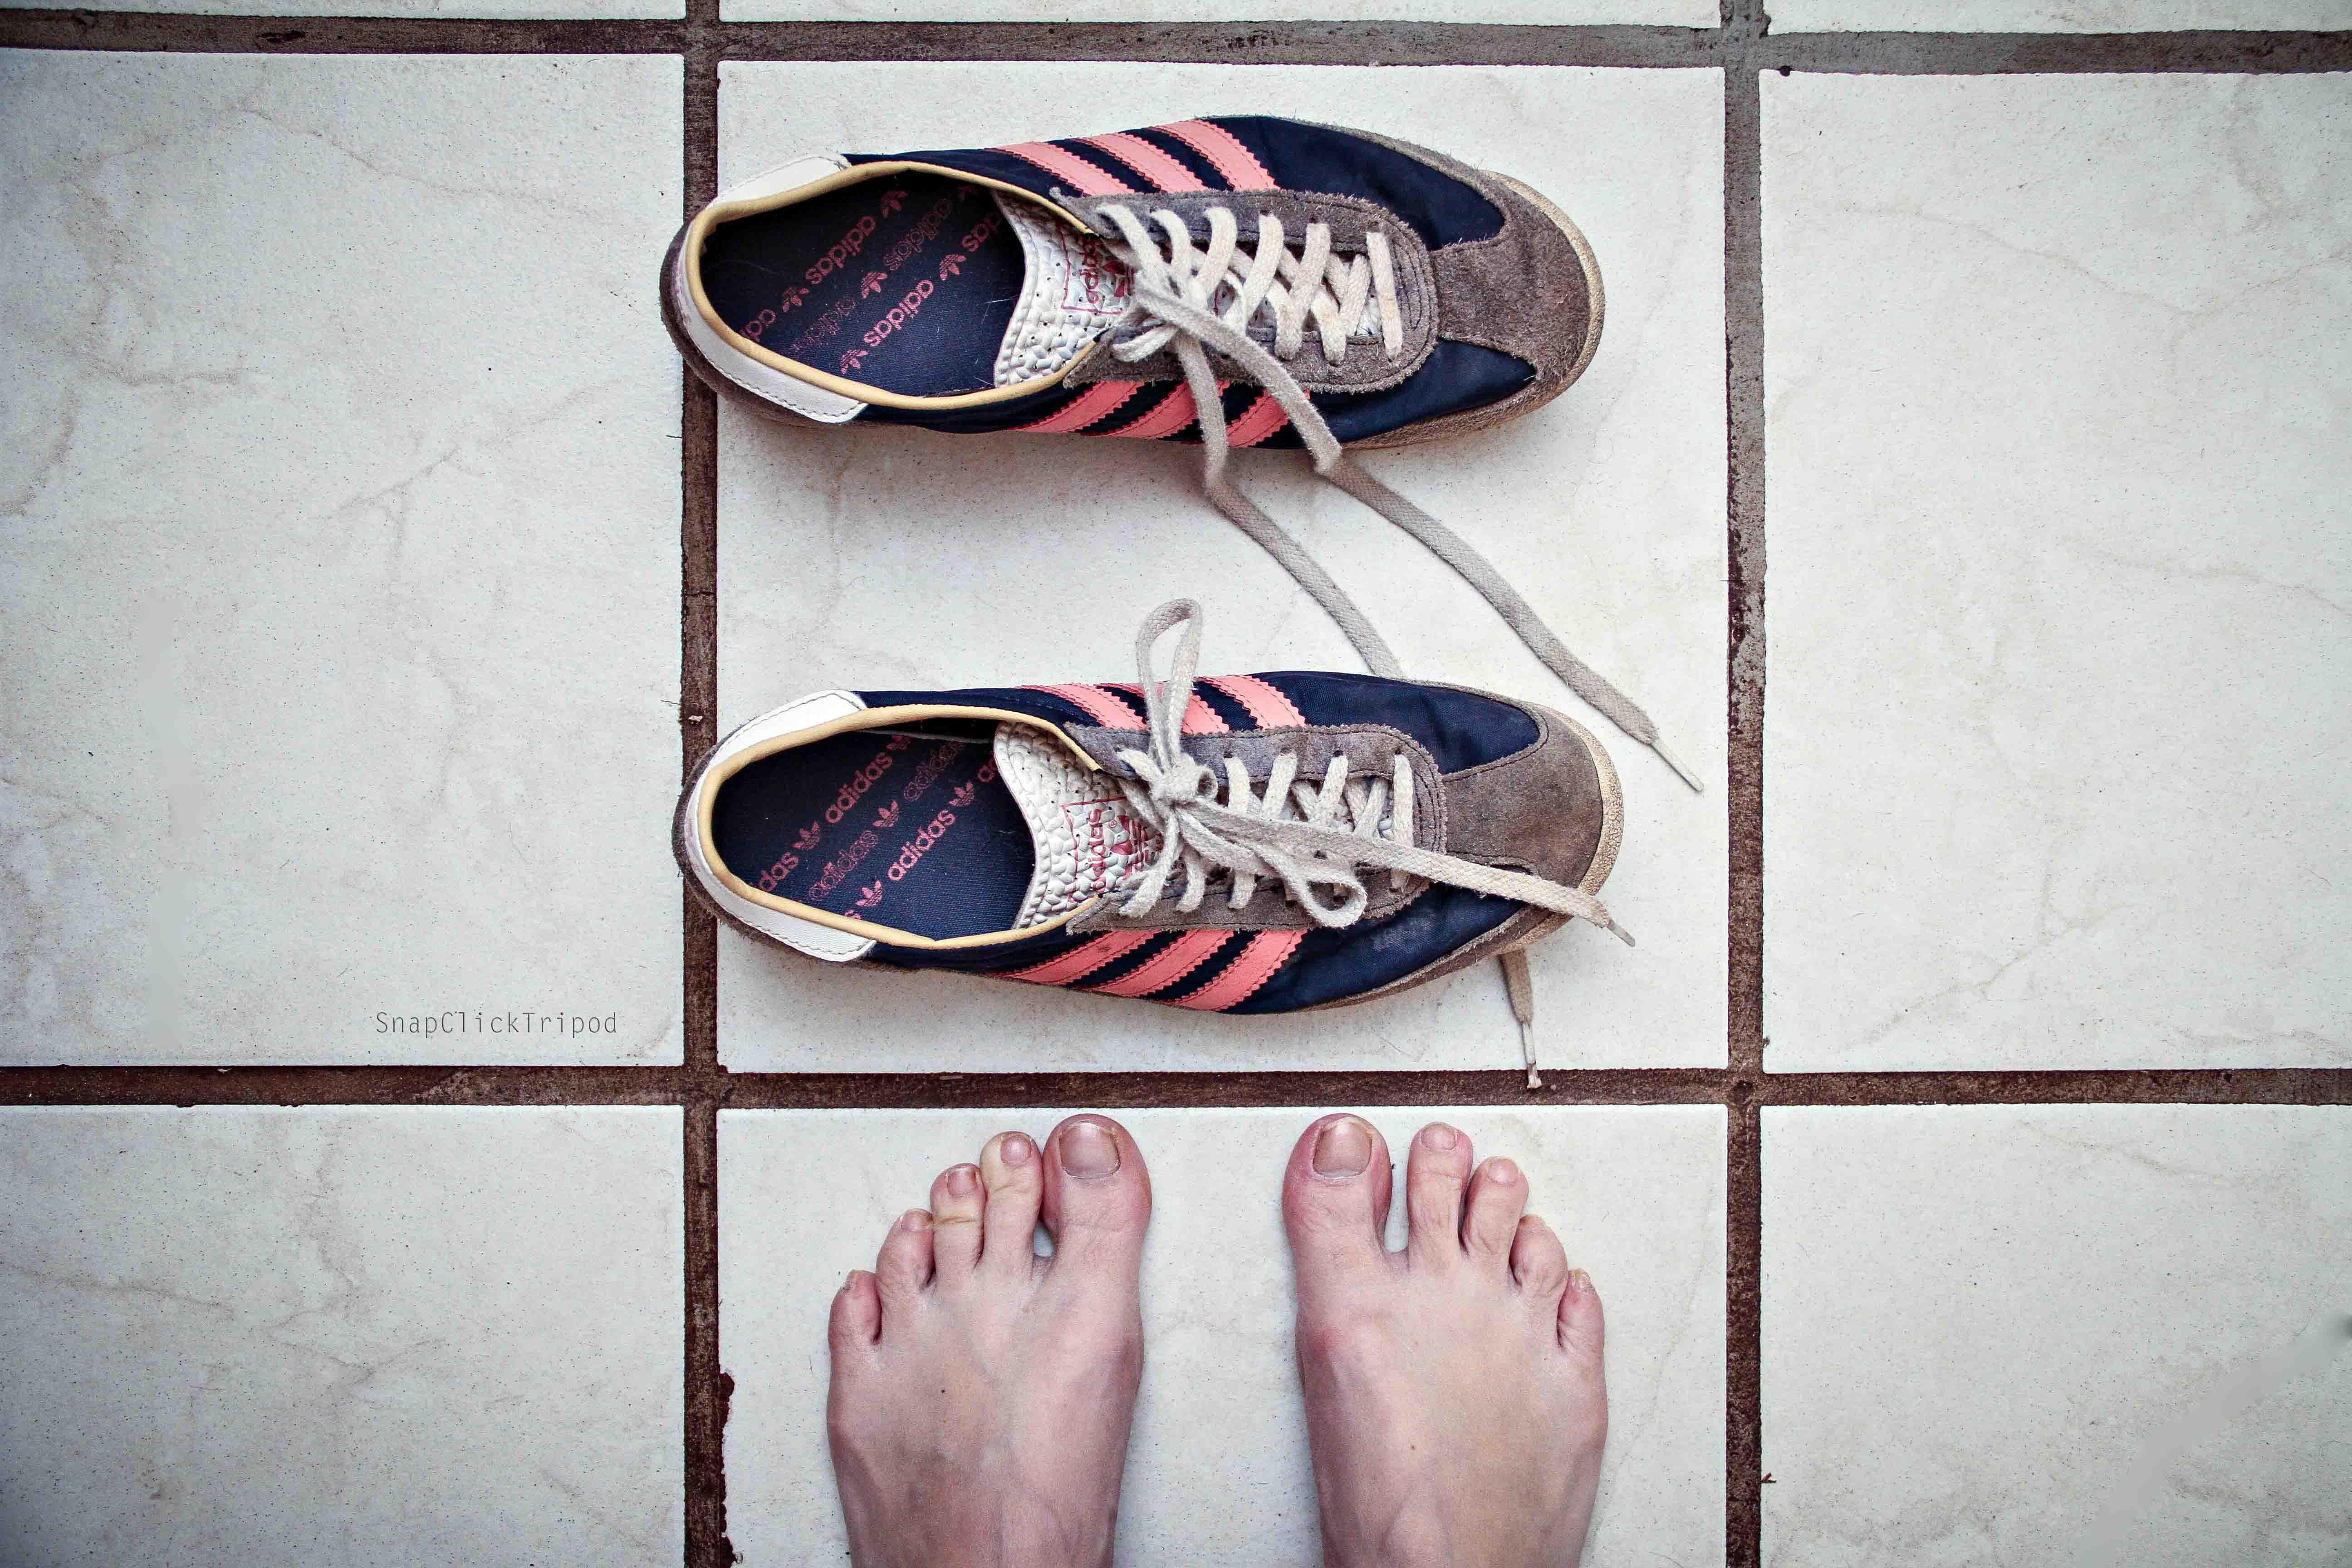 Fond d'écran : Adidas, pieds, baskets, marque, les orteils